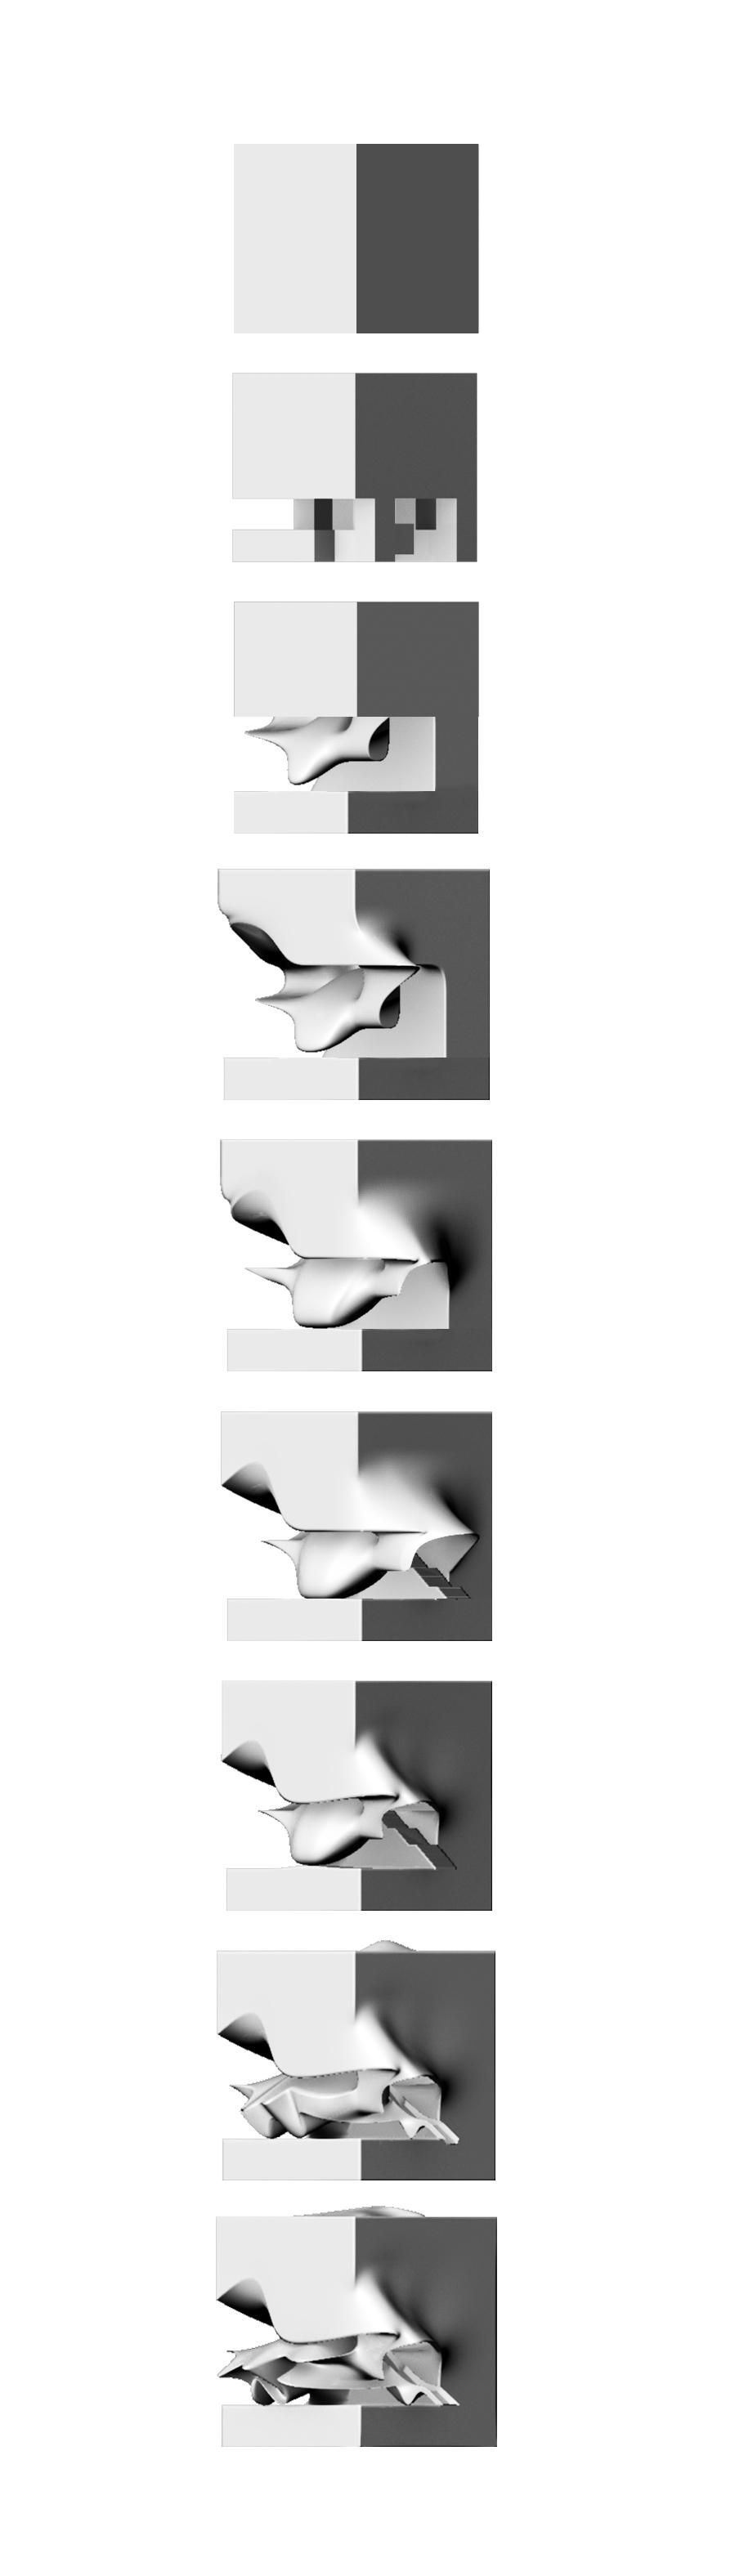 A-Final-vertical